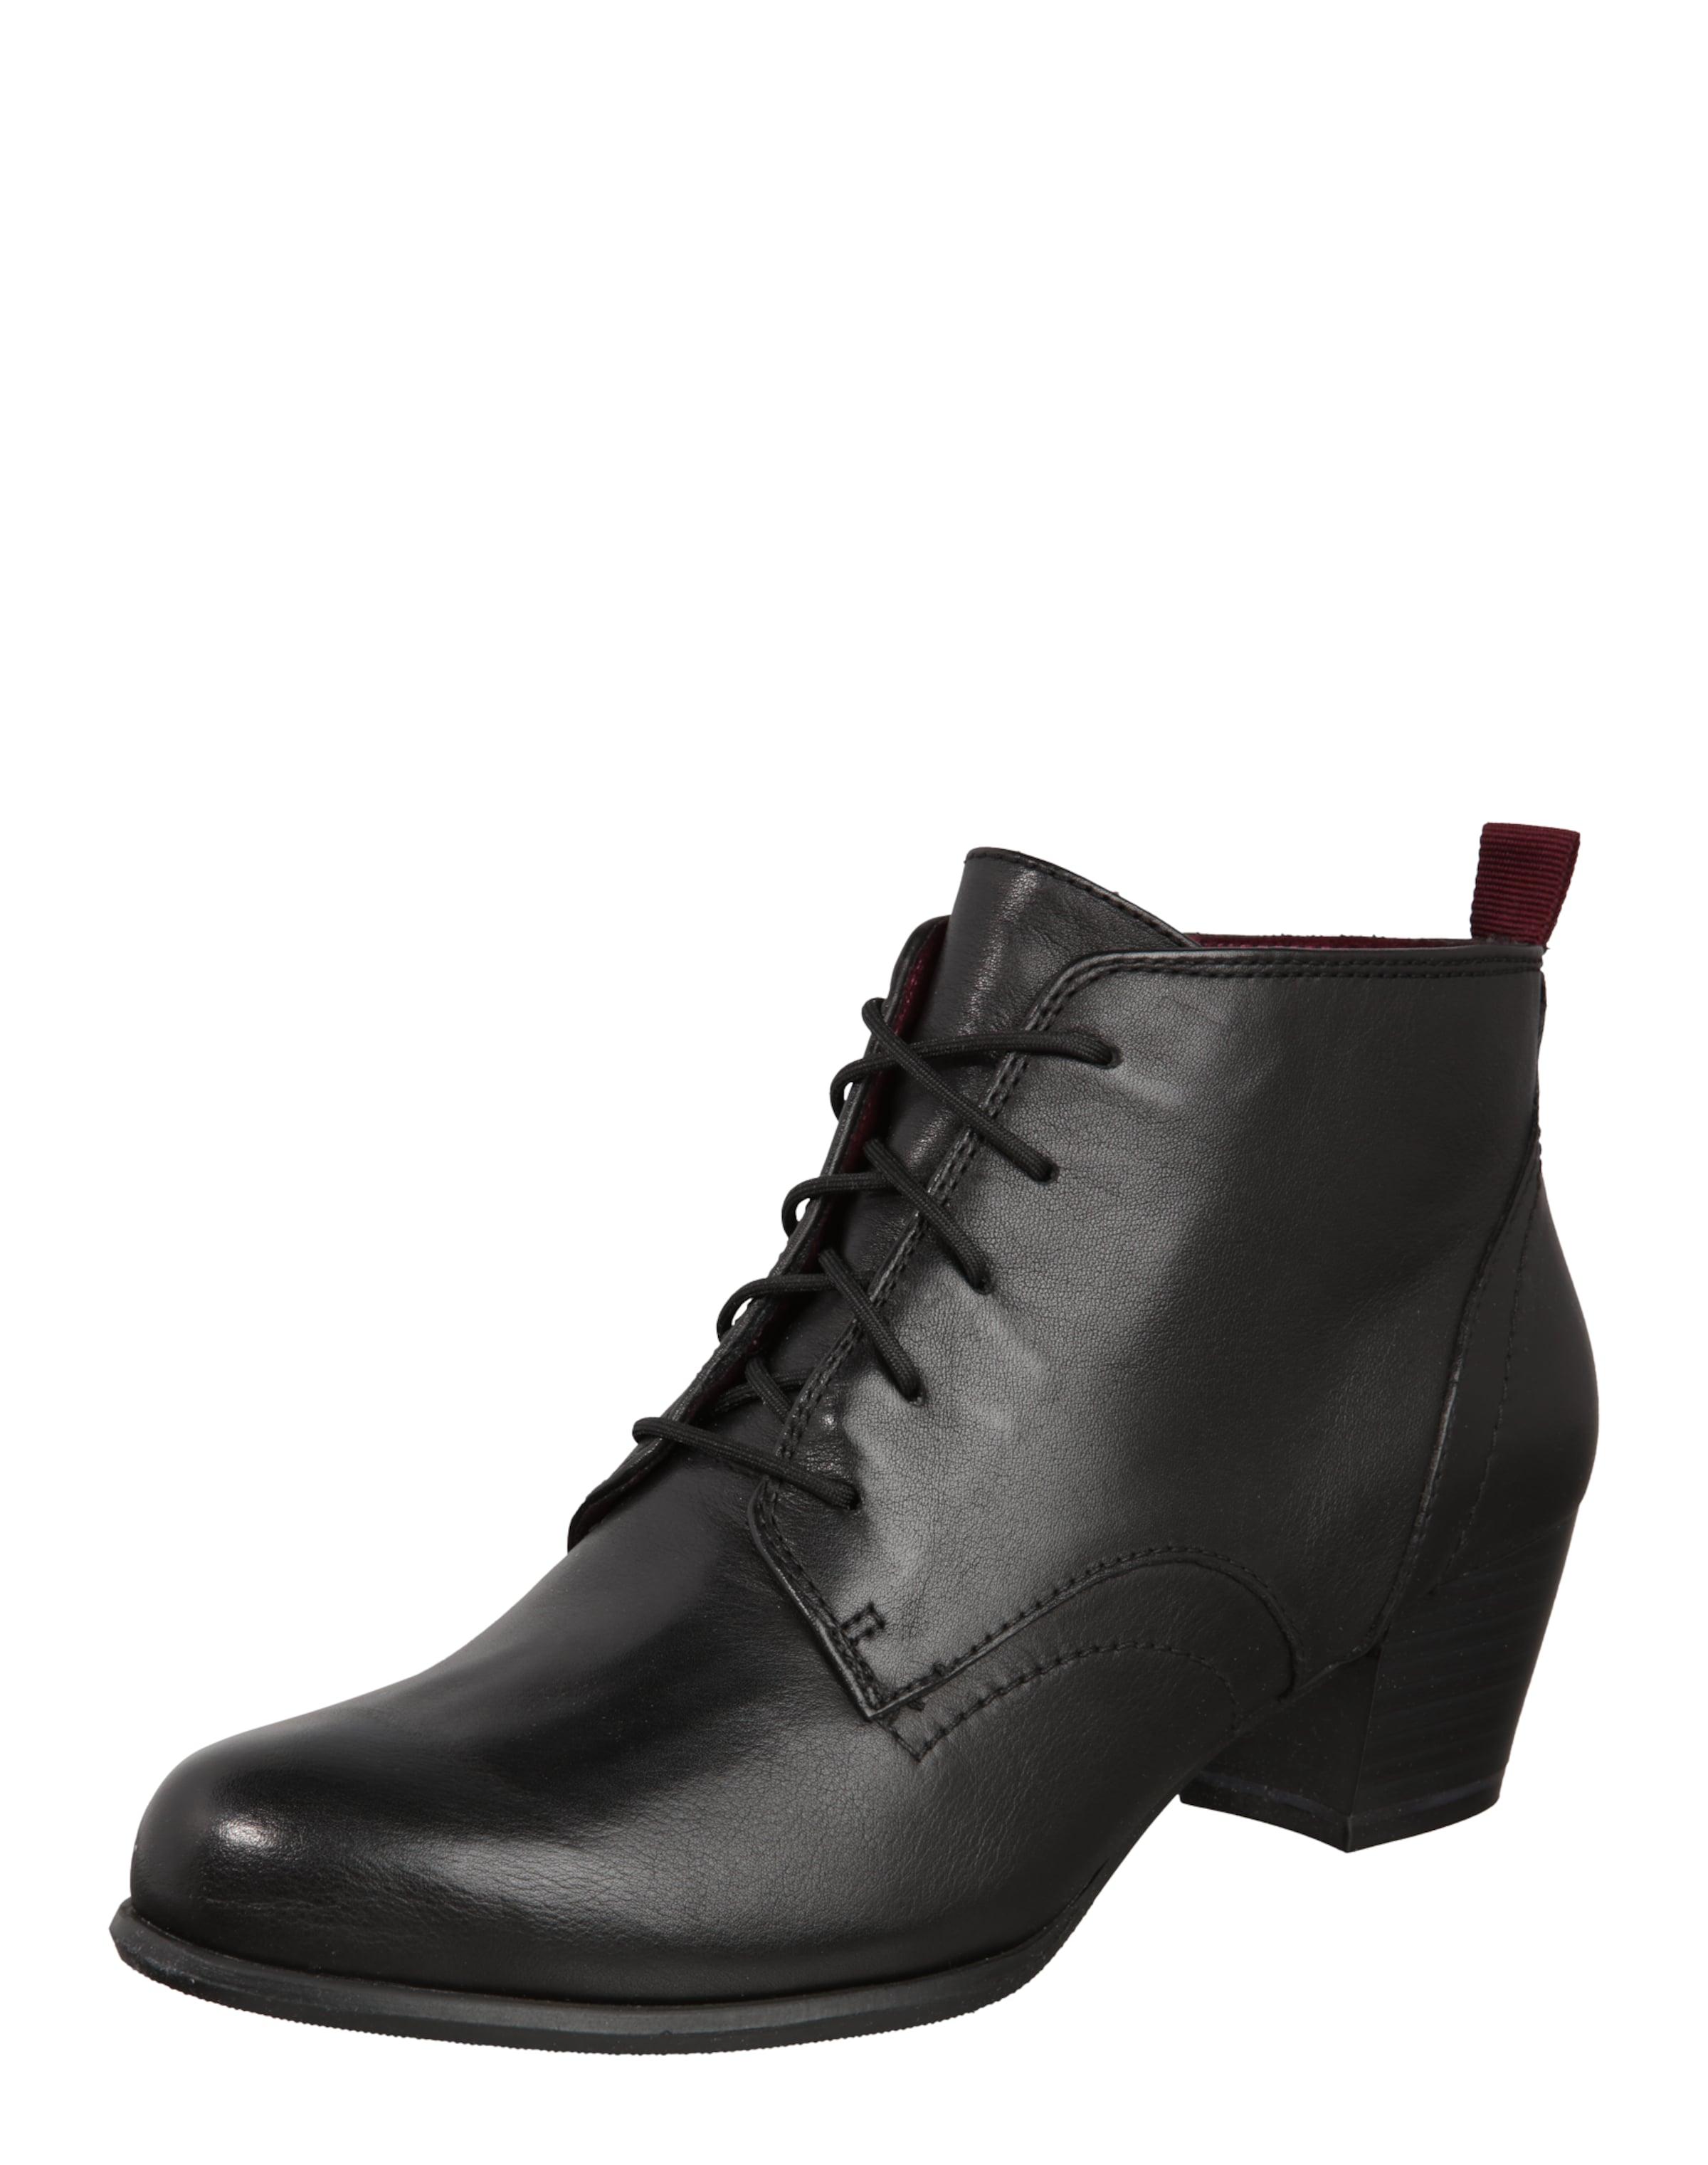 Haltbare Mode billige Schuhe TAMARIS   Schnürstiefelette Schuhe Gut getragene Schuhe